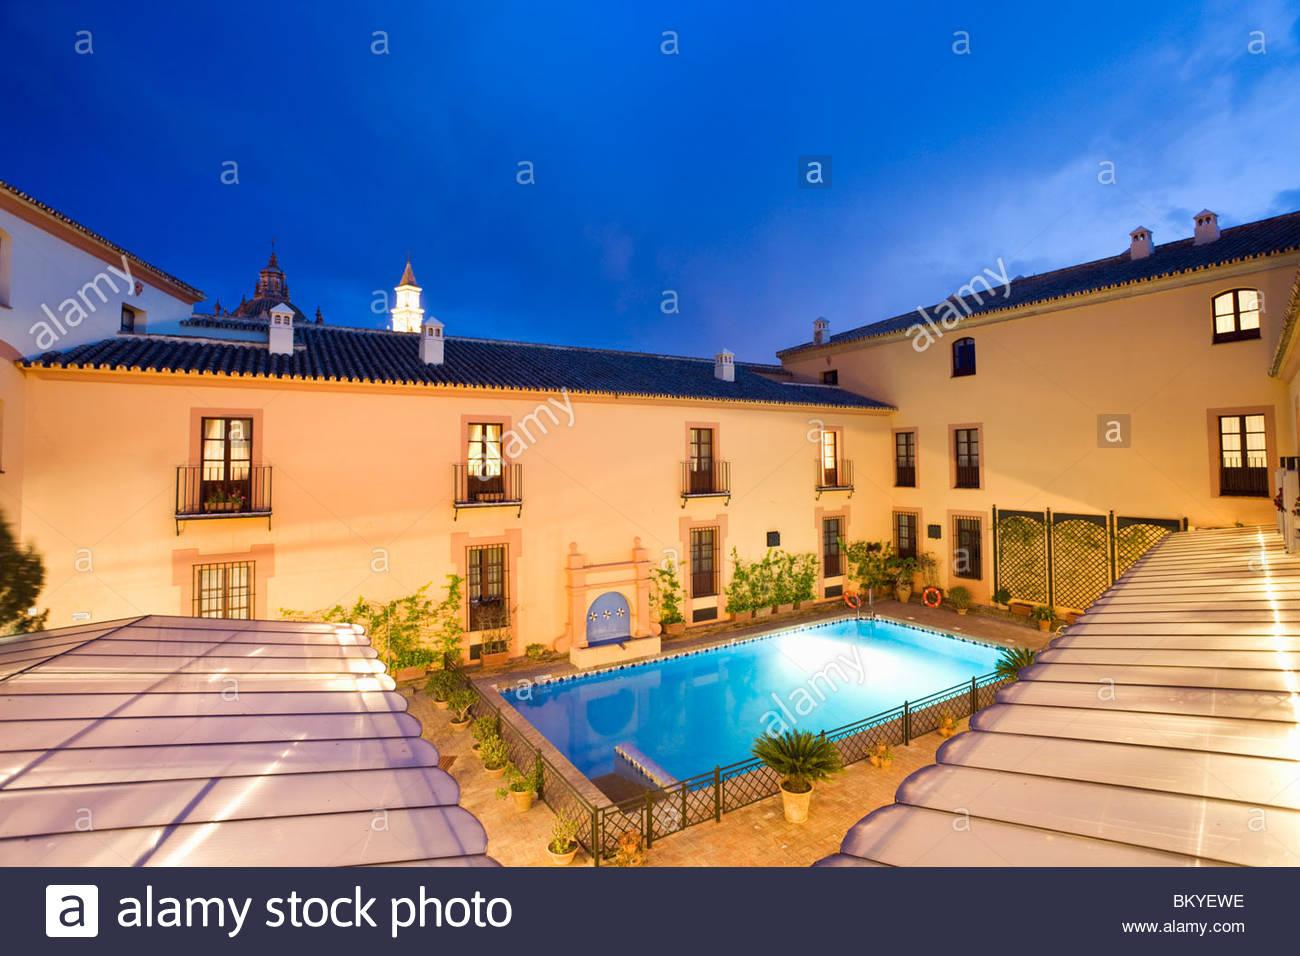 Carmona, preiswerte 4-Sterne-Hotel Alcazar De La Reina in Carmona, Provinz Sevilla, Andalusien, Spanien Stockbild